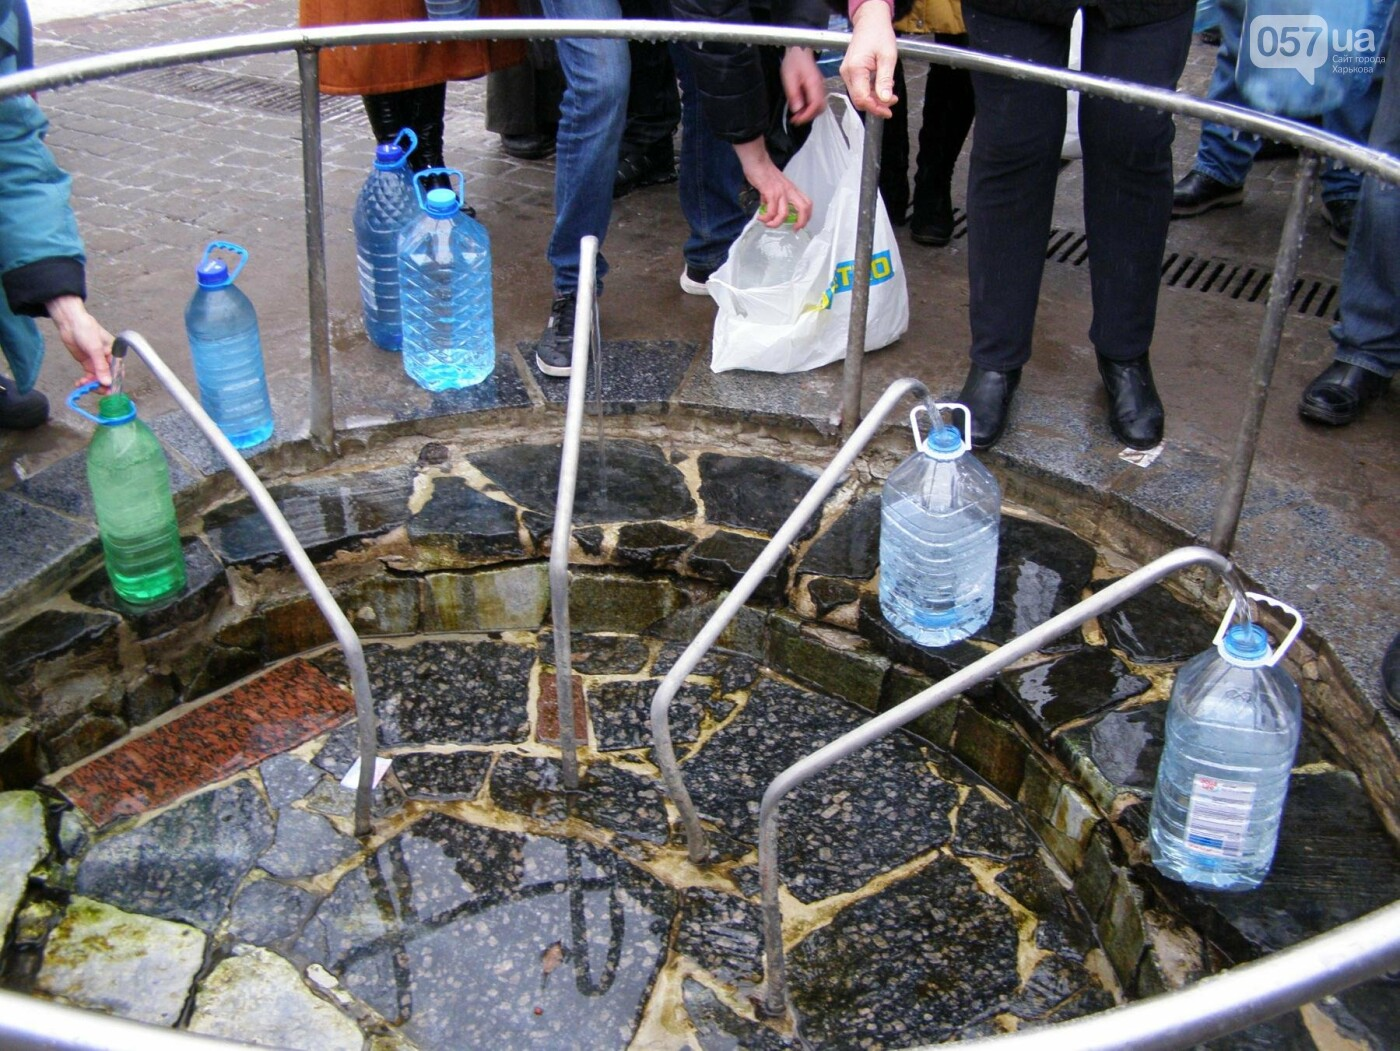 Массовые купания в источнике: как харьковчане отметили Крещение (ФОТО), фото-6